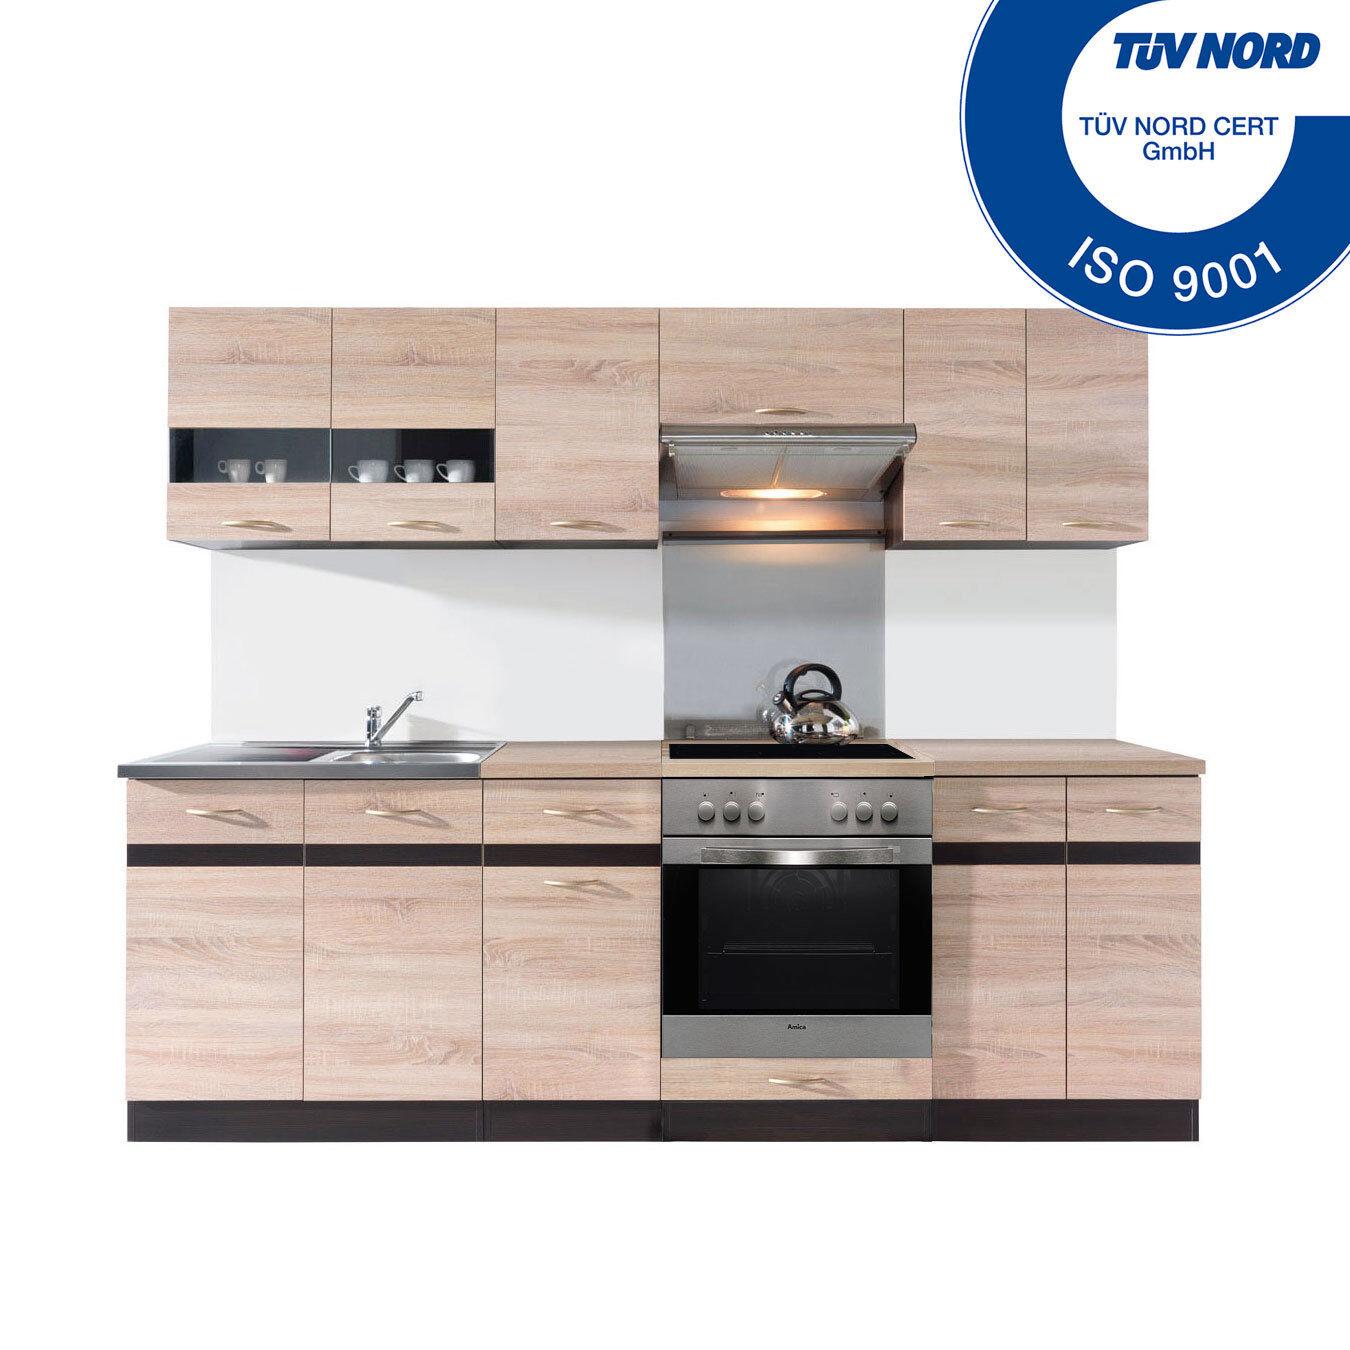 Einbauküche mit Elektrogeräten Herd Spülbecken Küchenzeile Küche AB LAGER Eiche